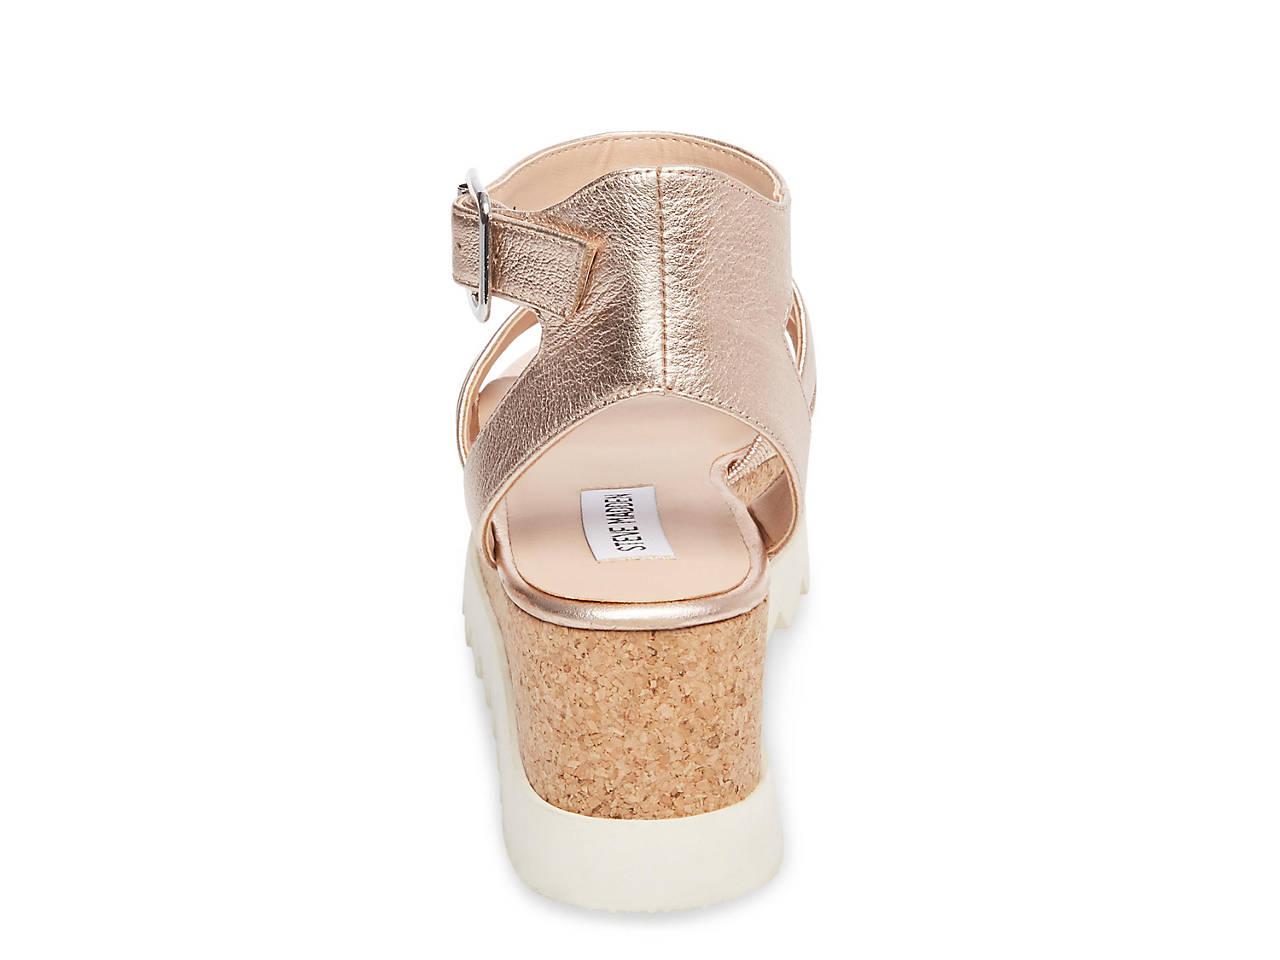 949a811a7b4f Steve Madden Kirsten Wedge Sandal Women s Shoes